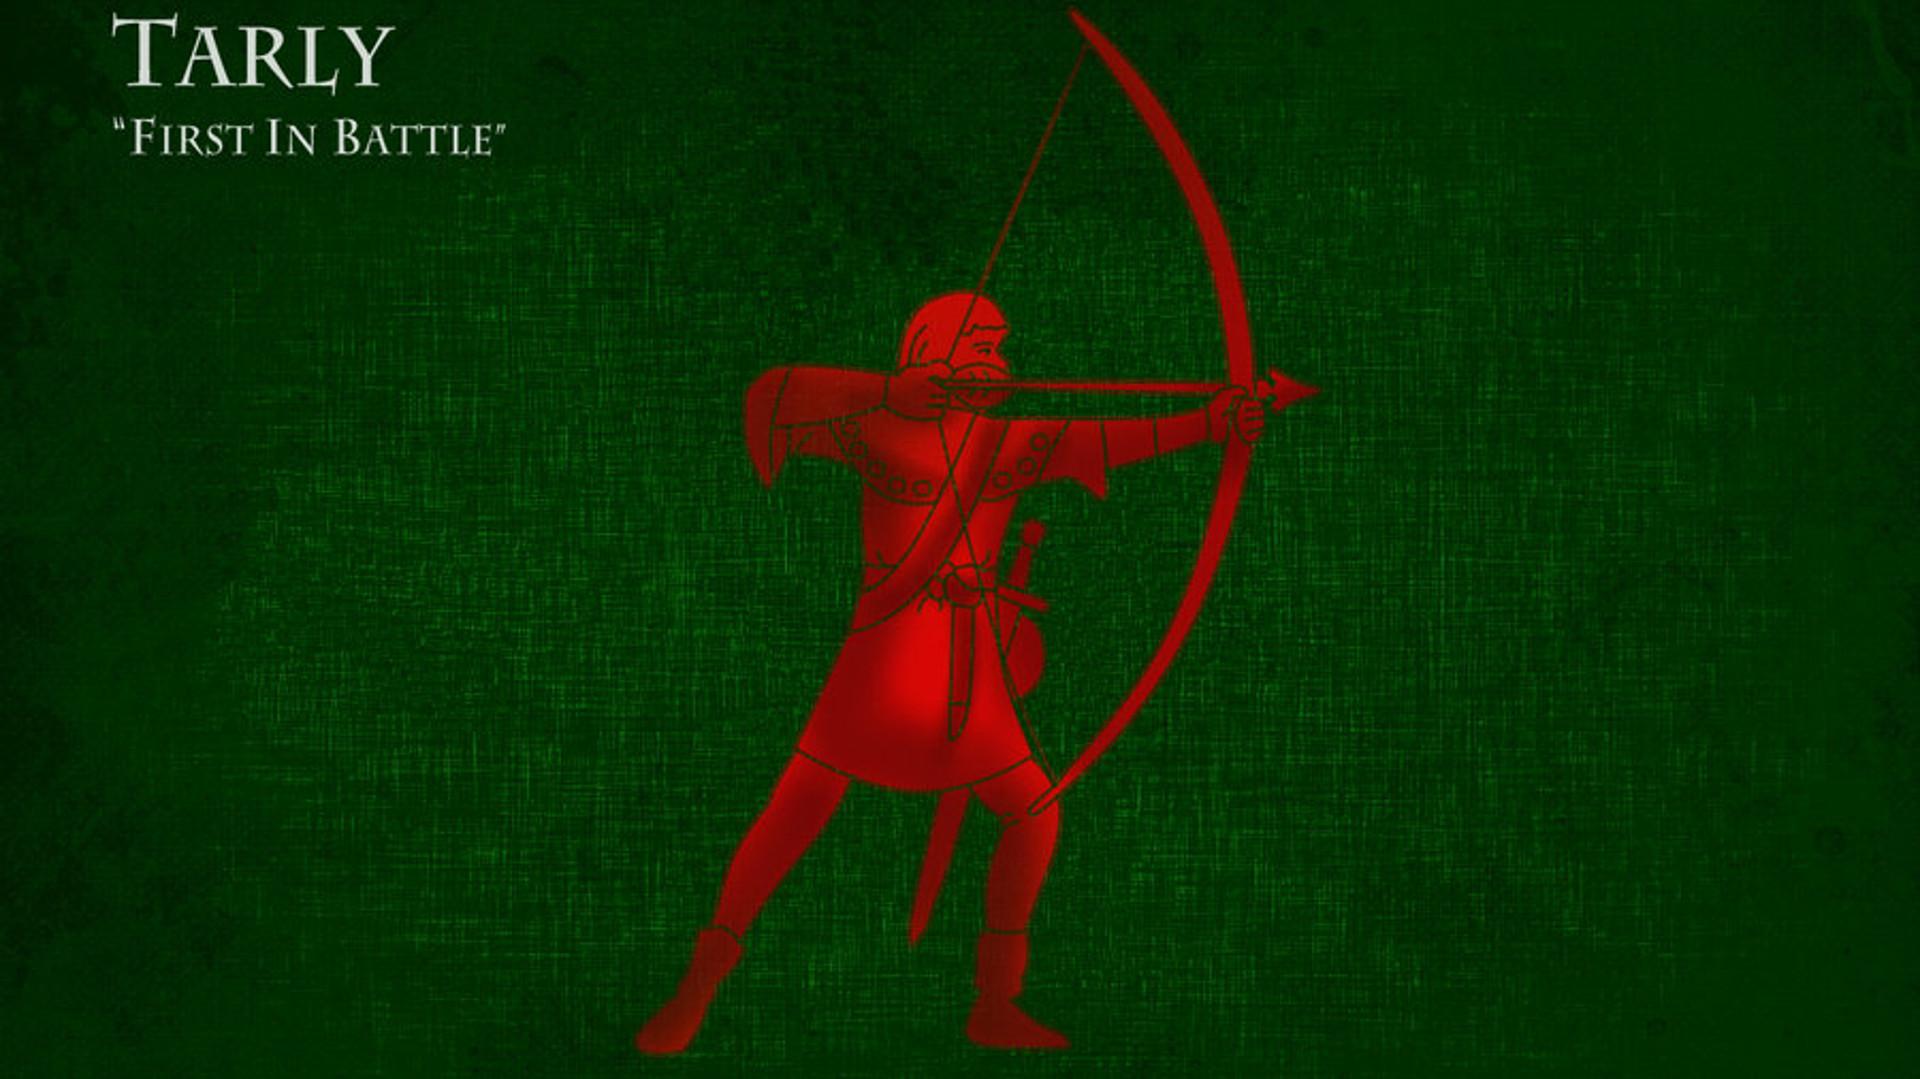 via Westeros.org